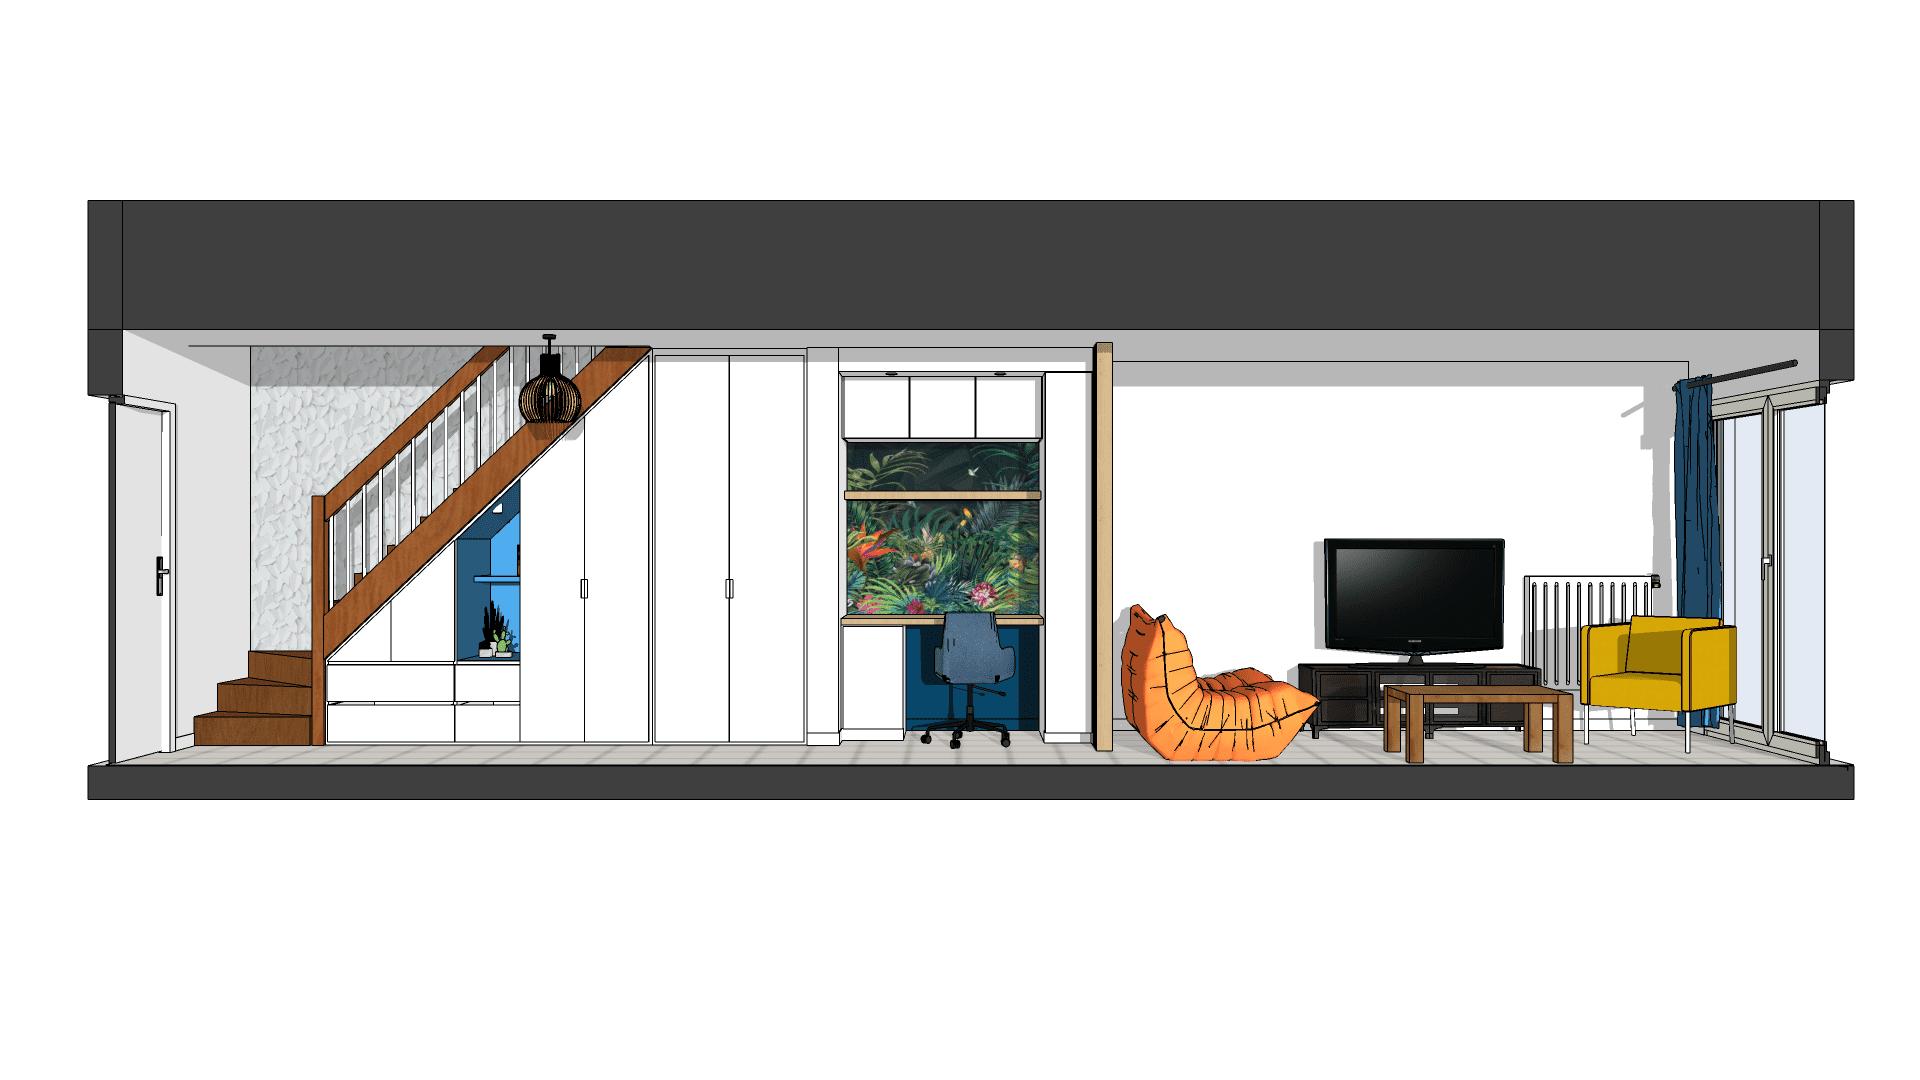 Visuel en perspective d'un aménagement sous-escalier